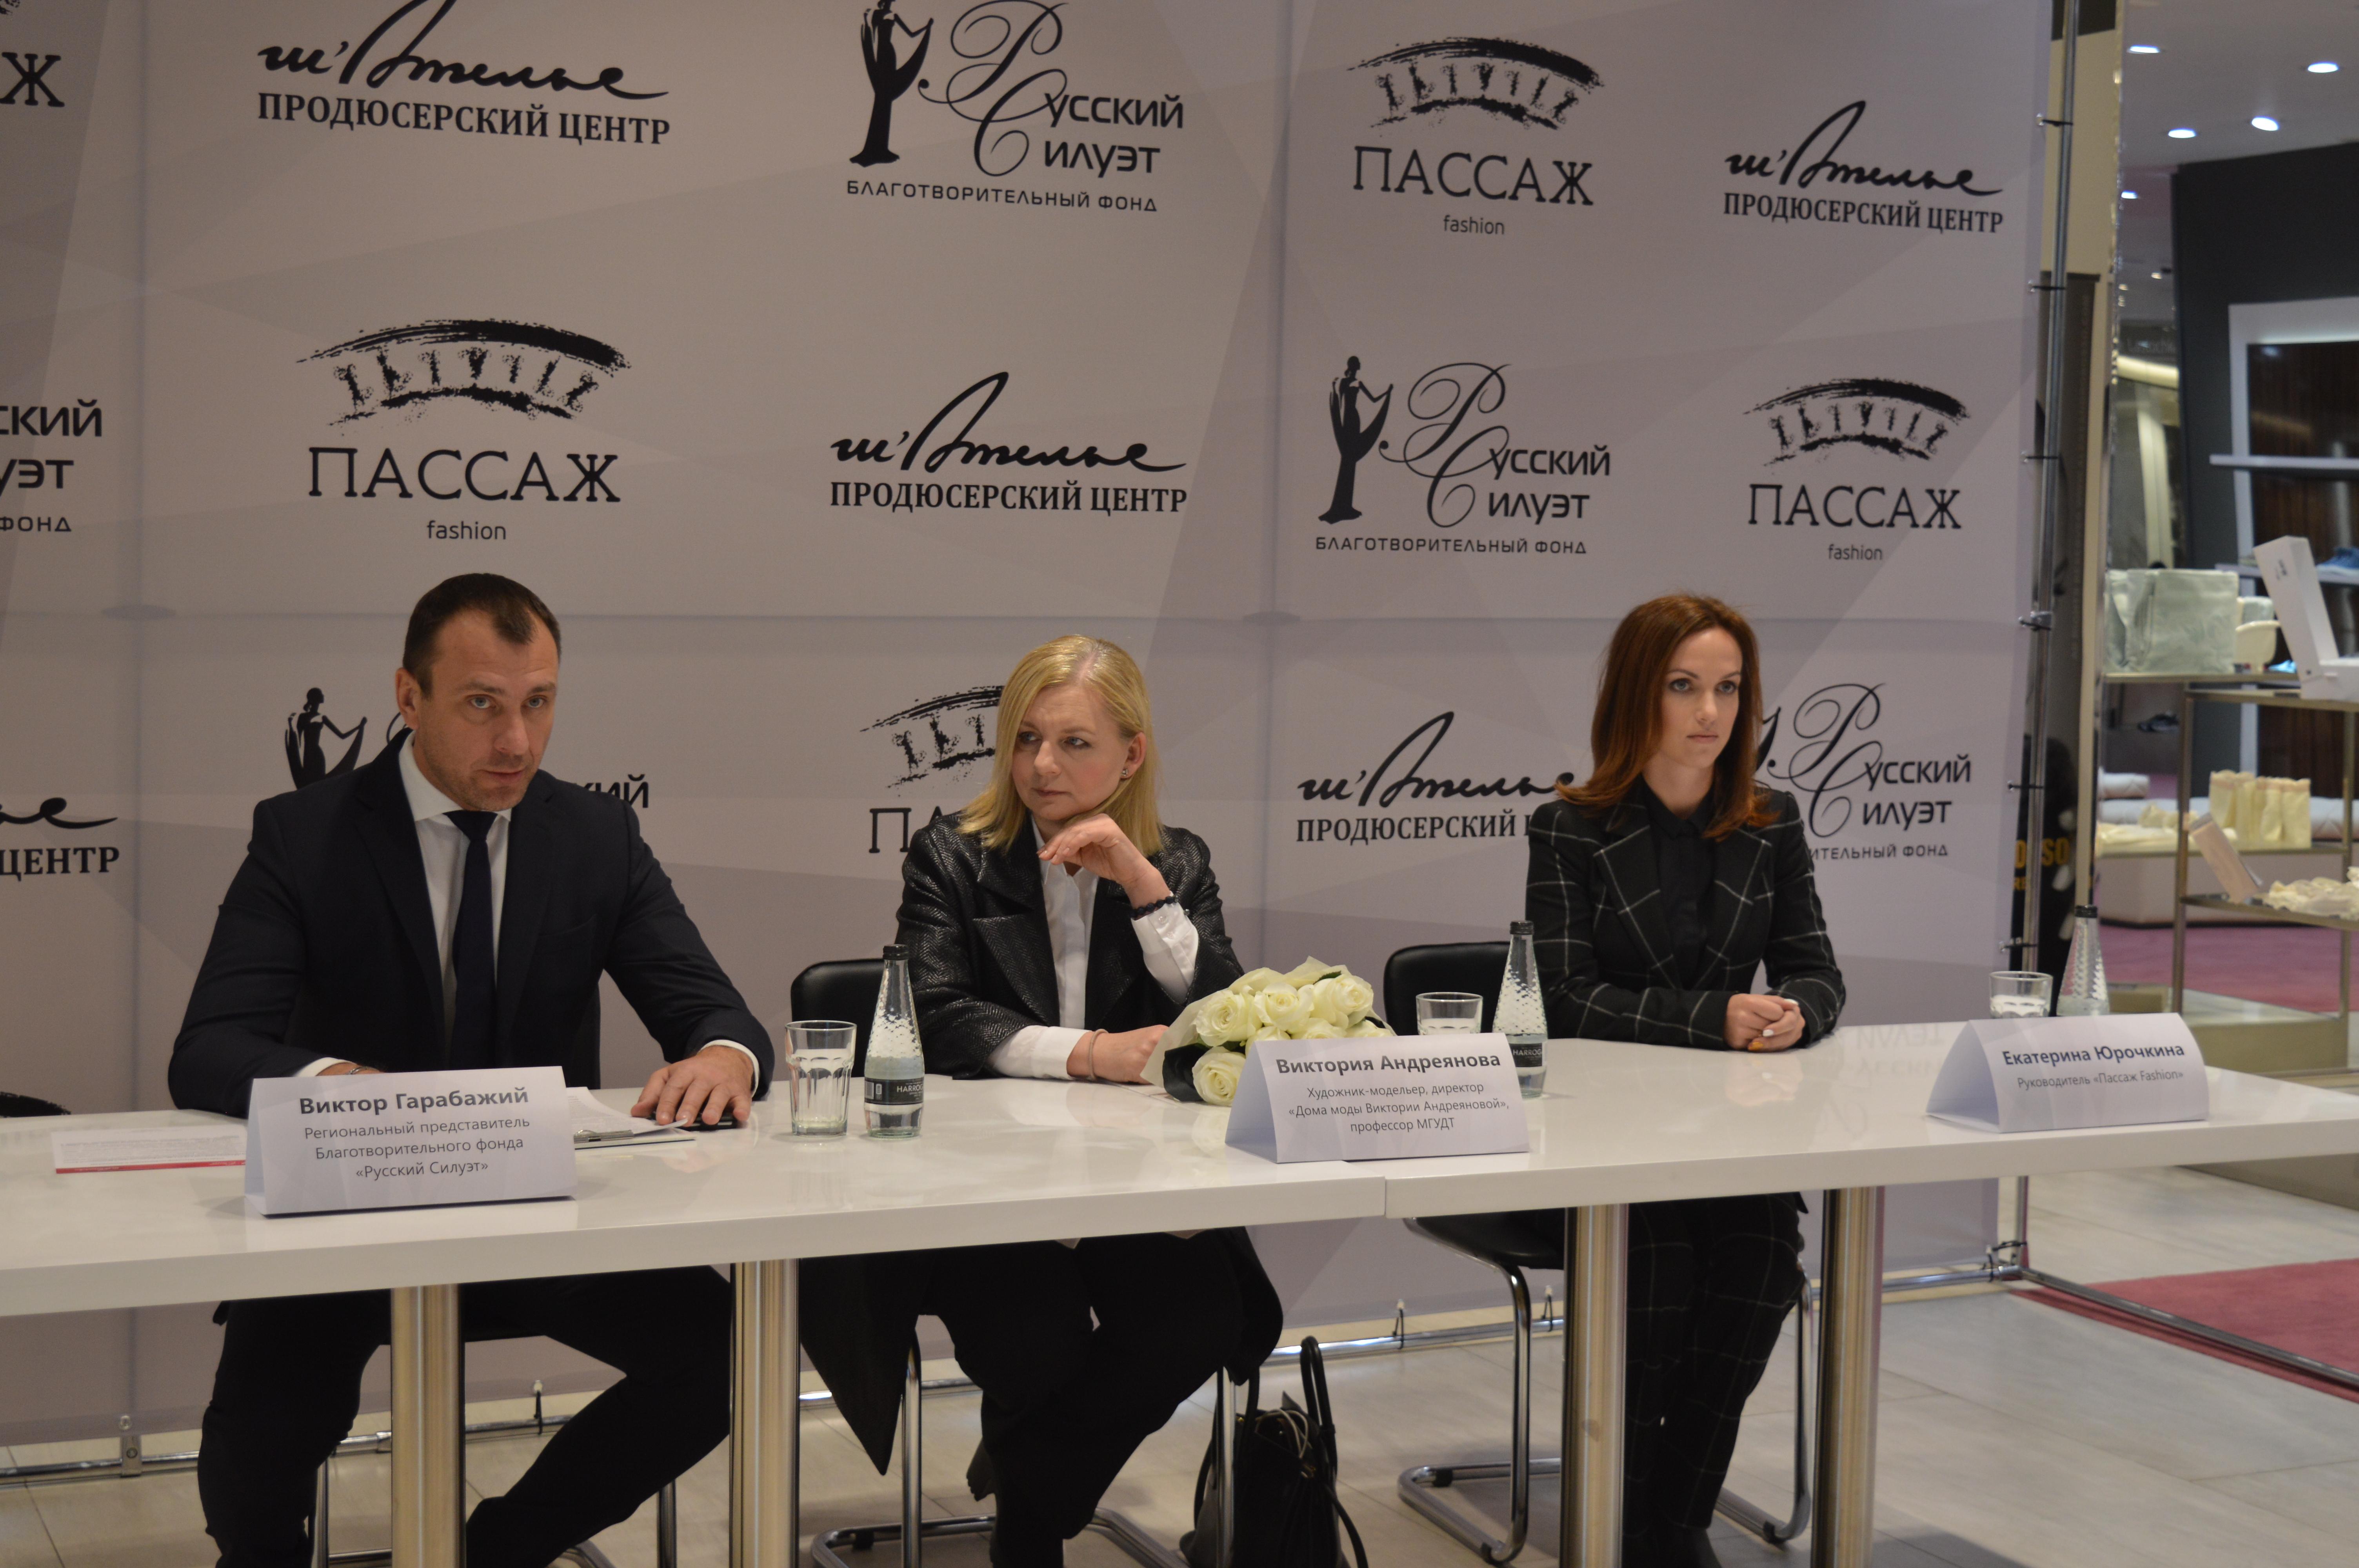 Дизайнер Виктория Андреянова (в центре) похвалила стиль сибирячек